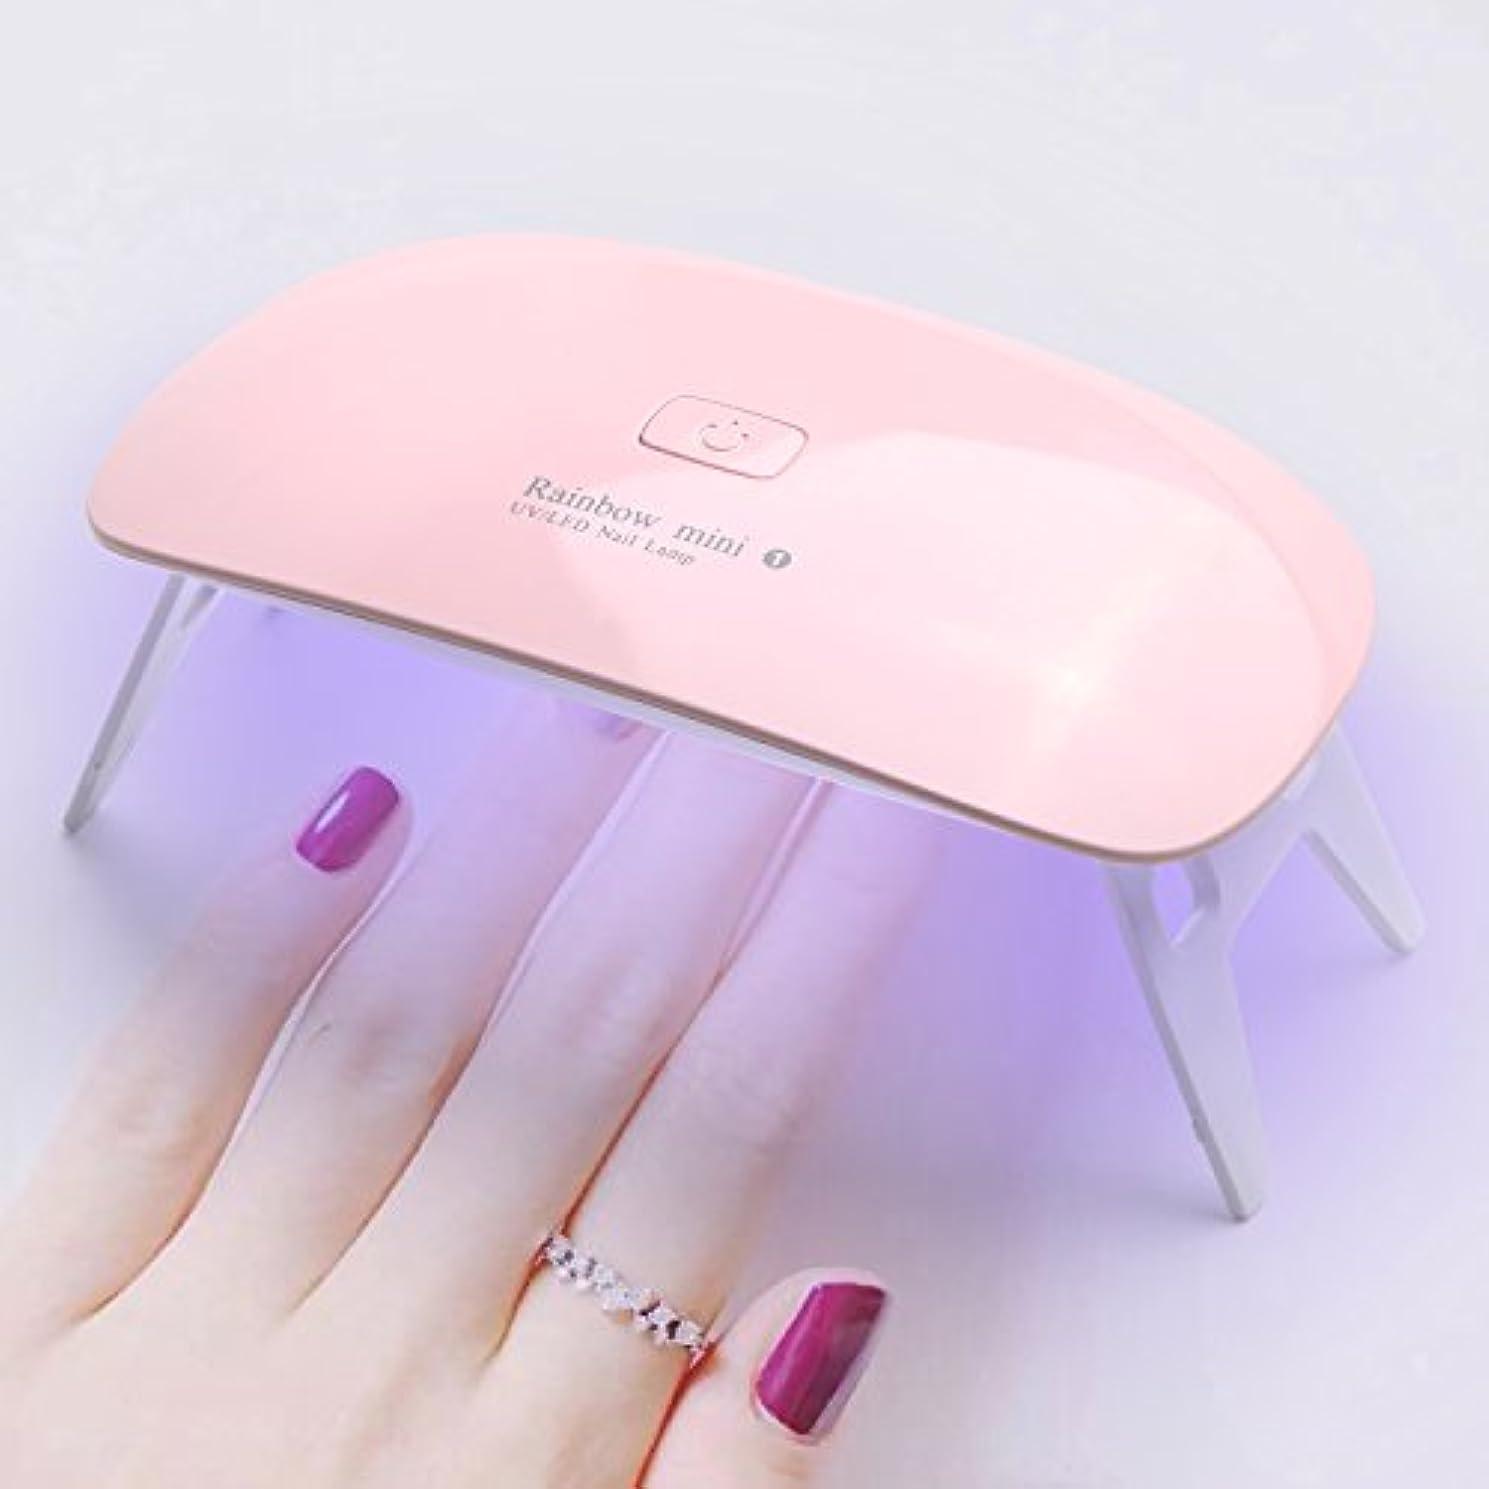 滑る聴覚障害者文房具LEDネイルドライヤー AmoVee UVライト タイマー設定可能 折りたたみ式 ジェルネイル用 (pink)